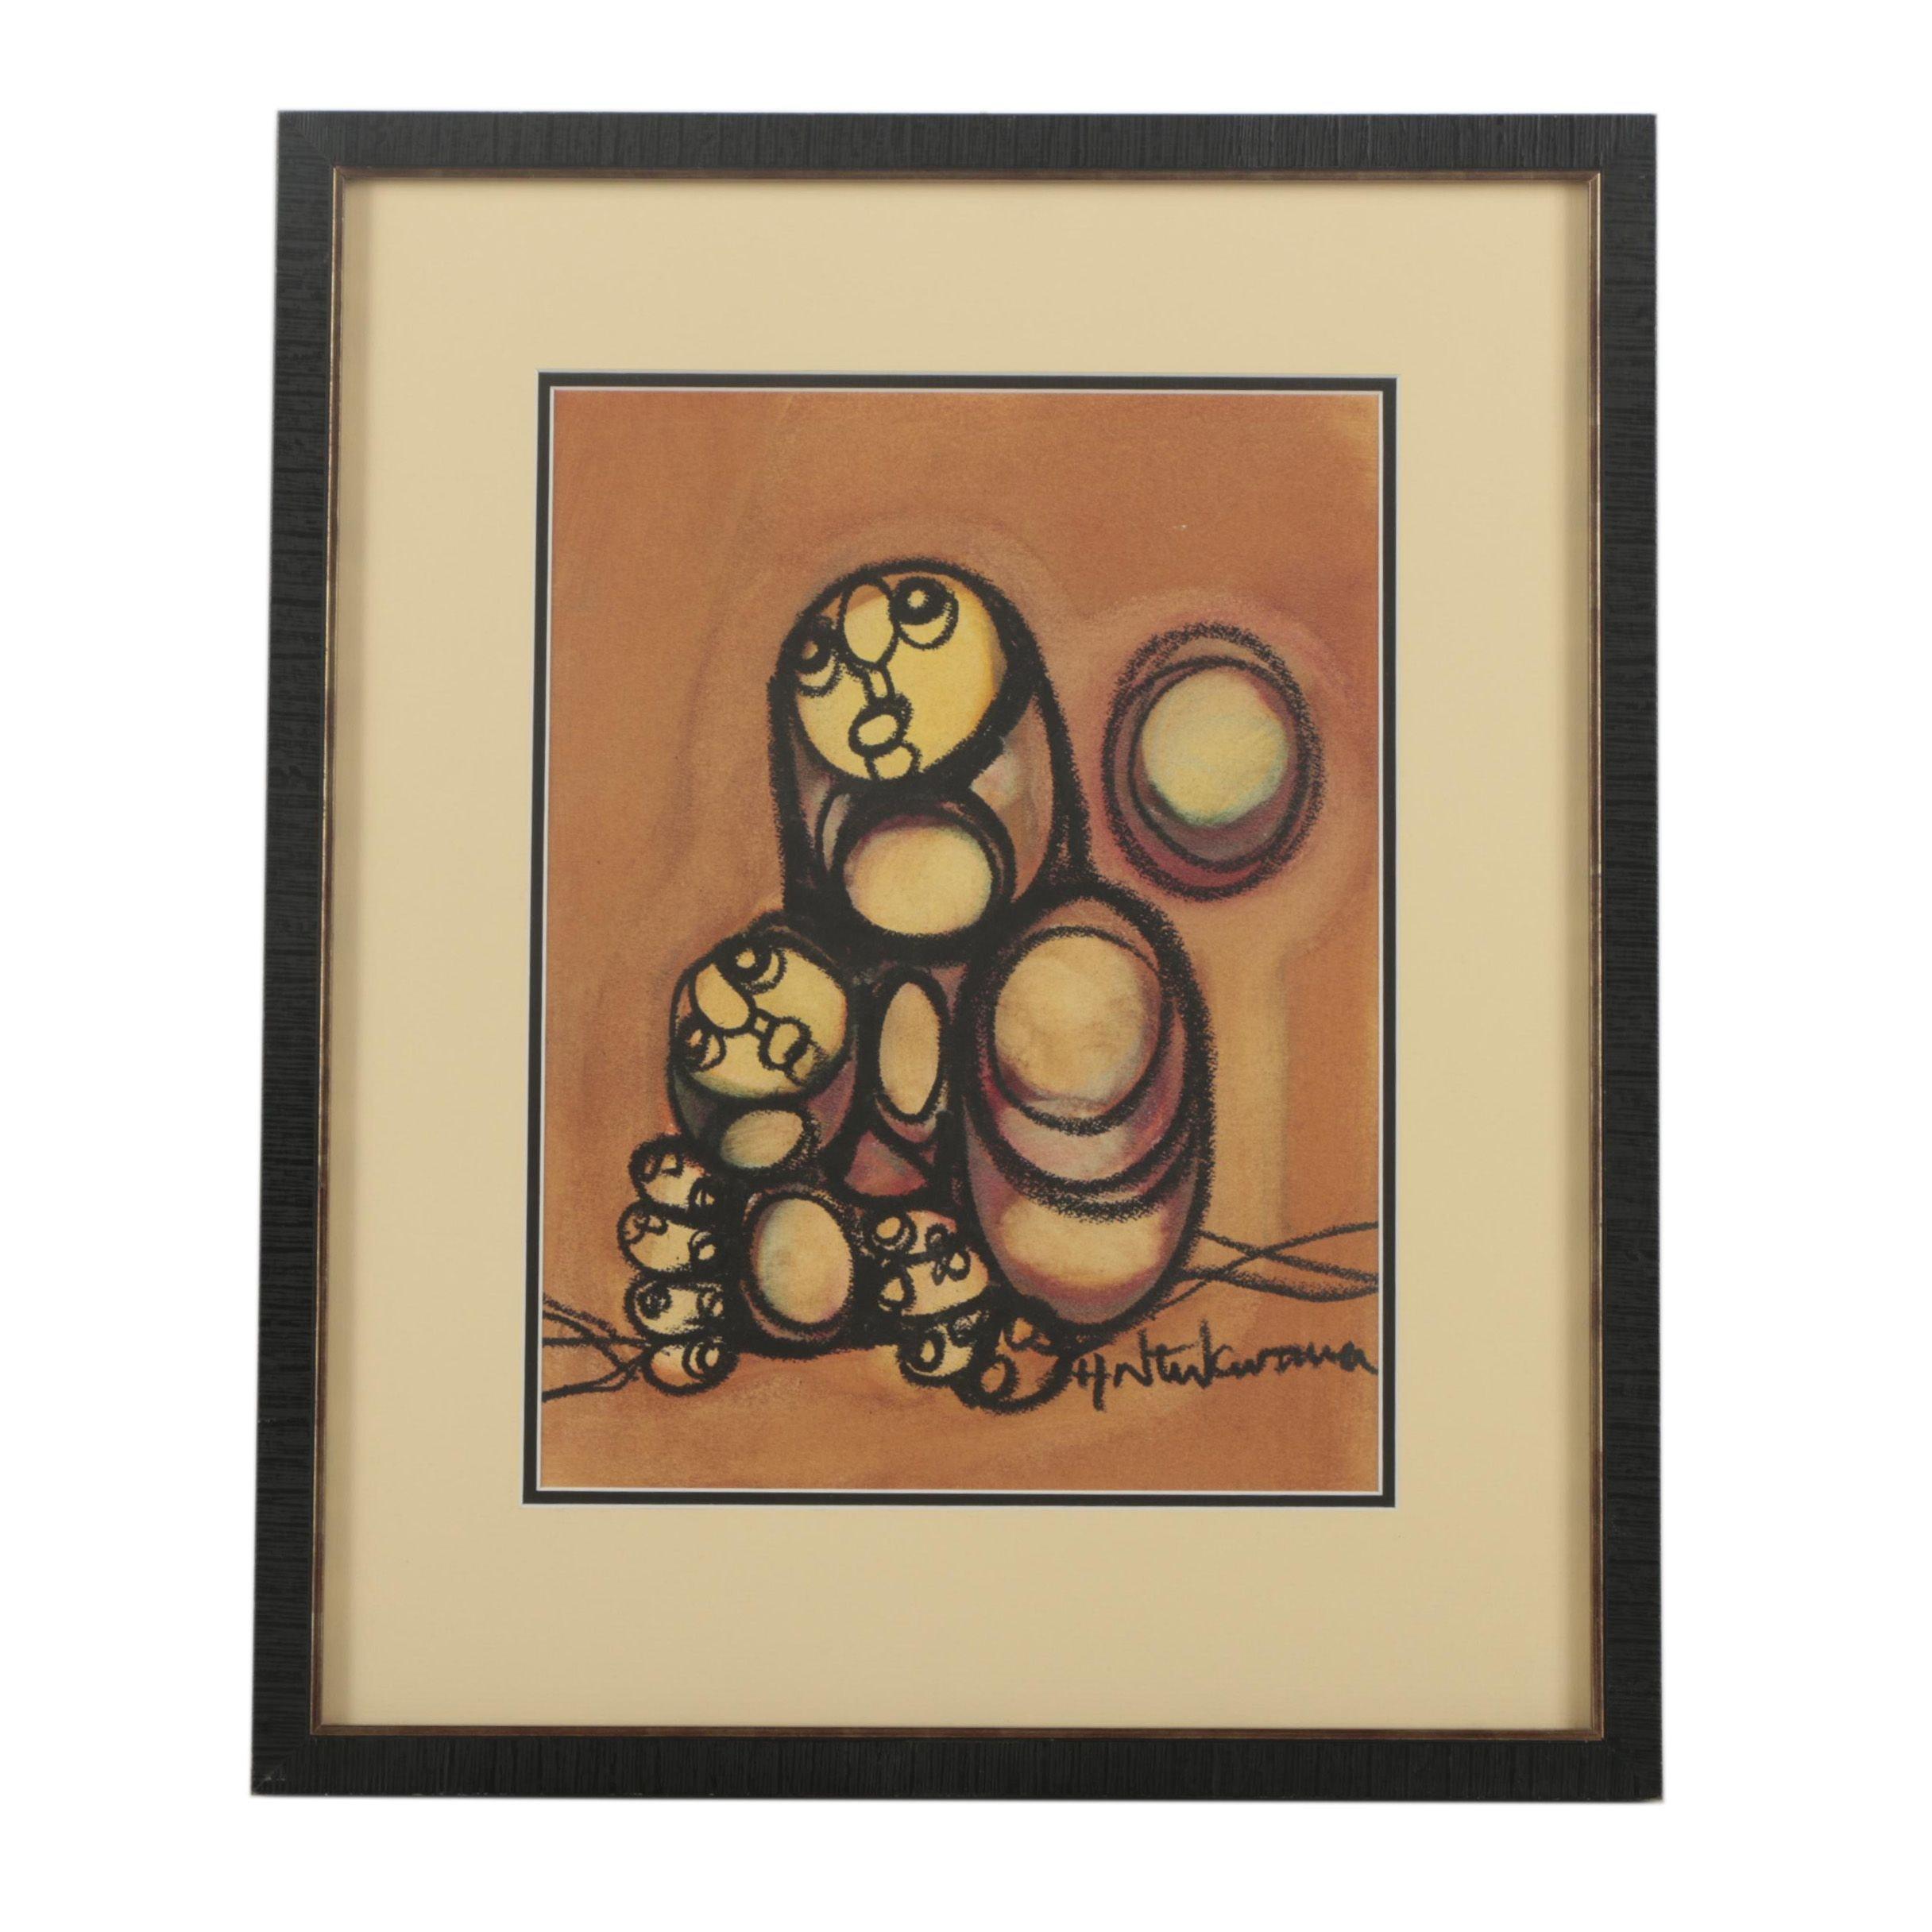 Hargreaves Ntukwana Abstract Charcoal and Pastel Drawing